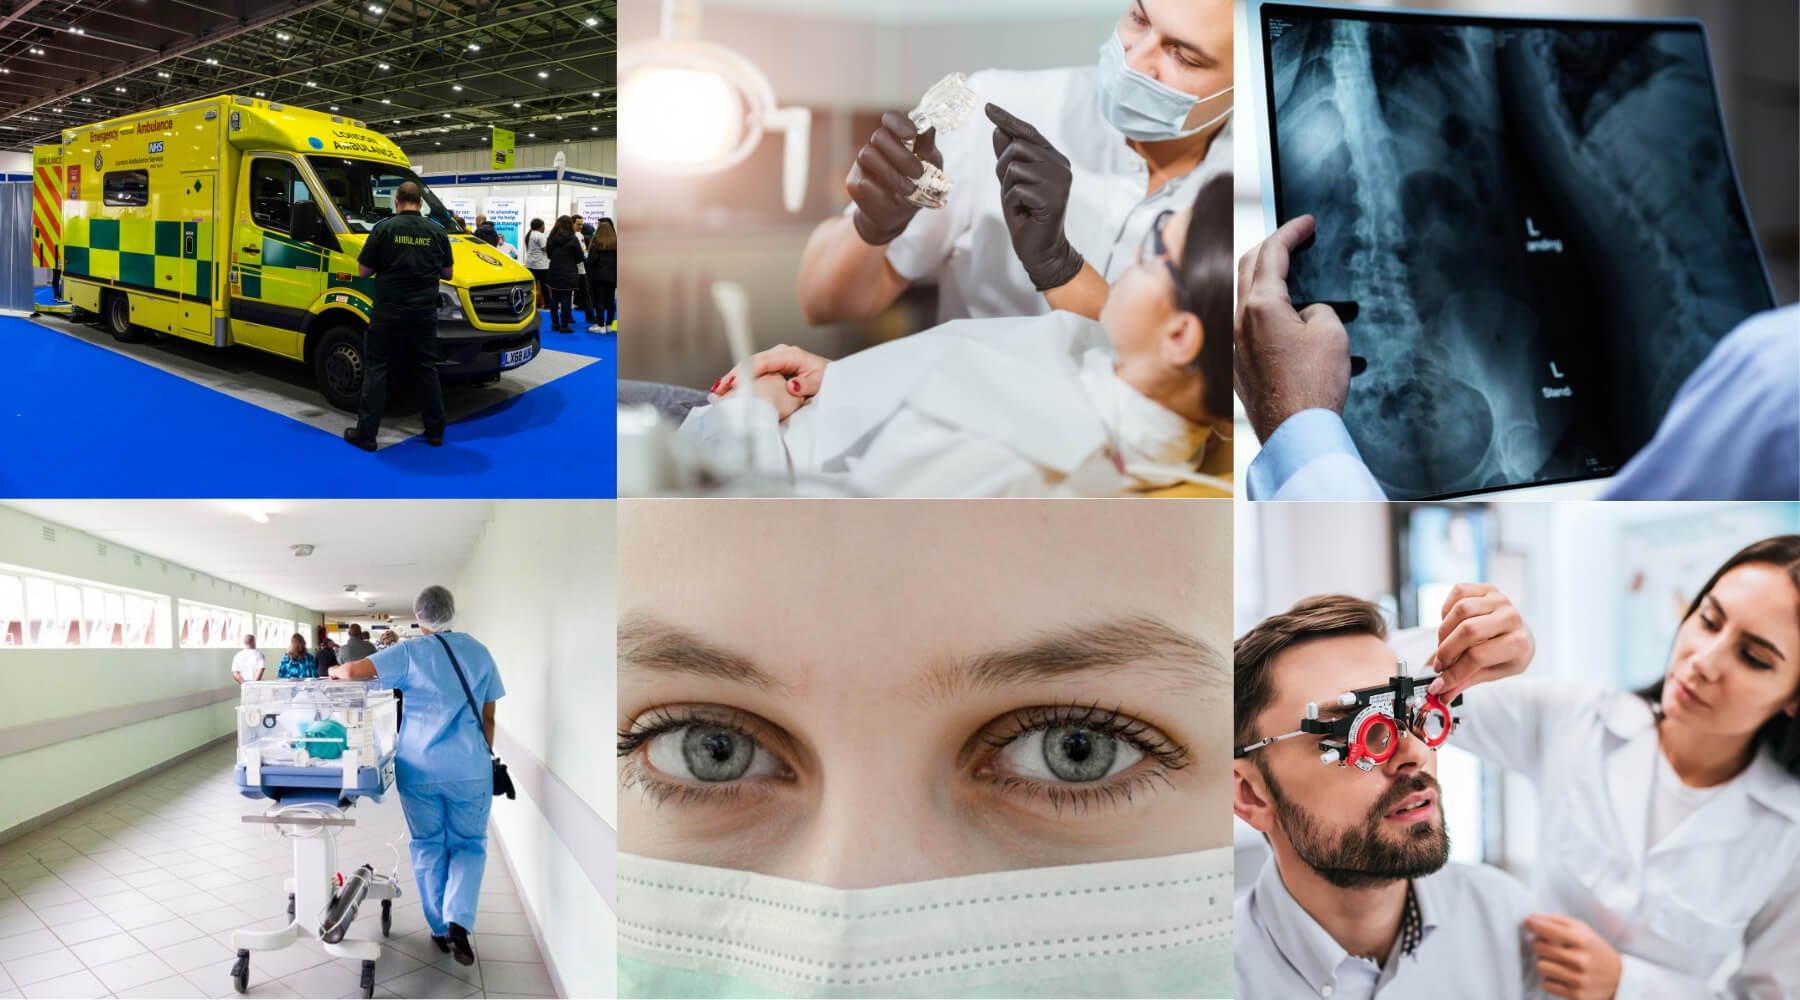 career-workshop-for-medicine-uk